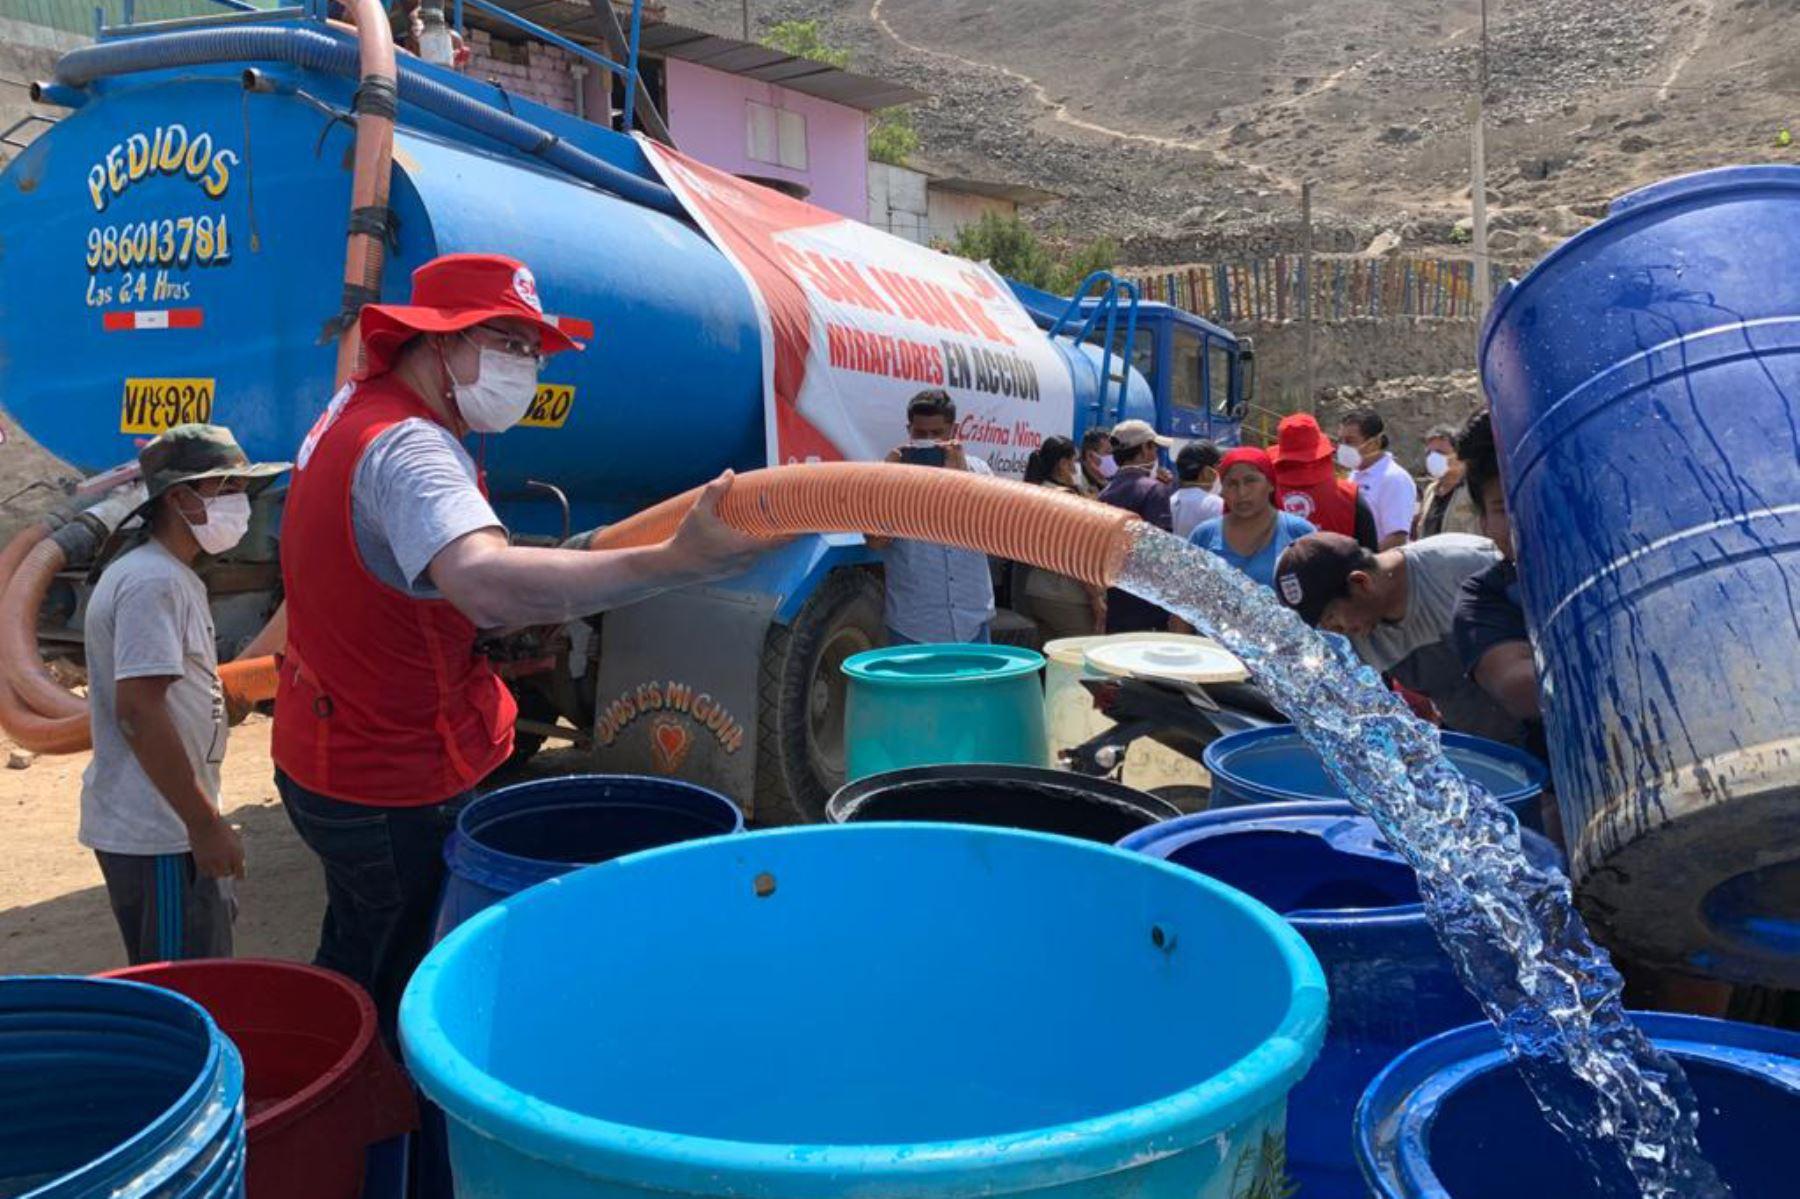 El ministro de Vivienda Rodolfo Yanez y la alcaldesa distrital Cristina Nina de San Juan de Miraflores abastecen de agua en el A.H. Flor de Amancaes. Foto: Ministerio de Vivienda